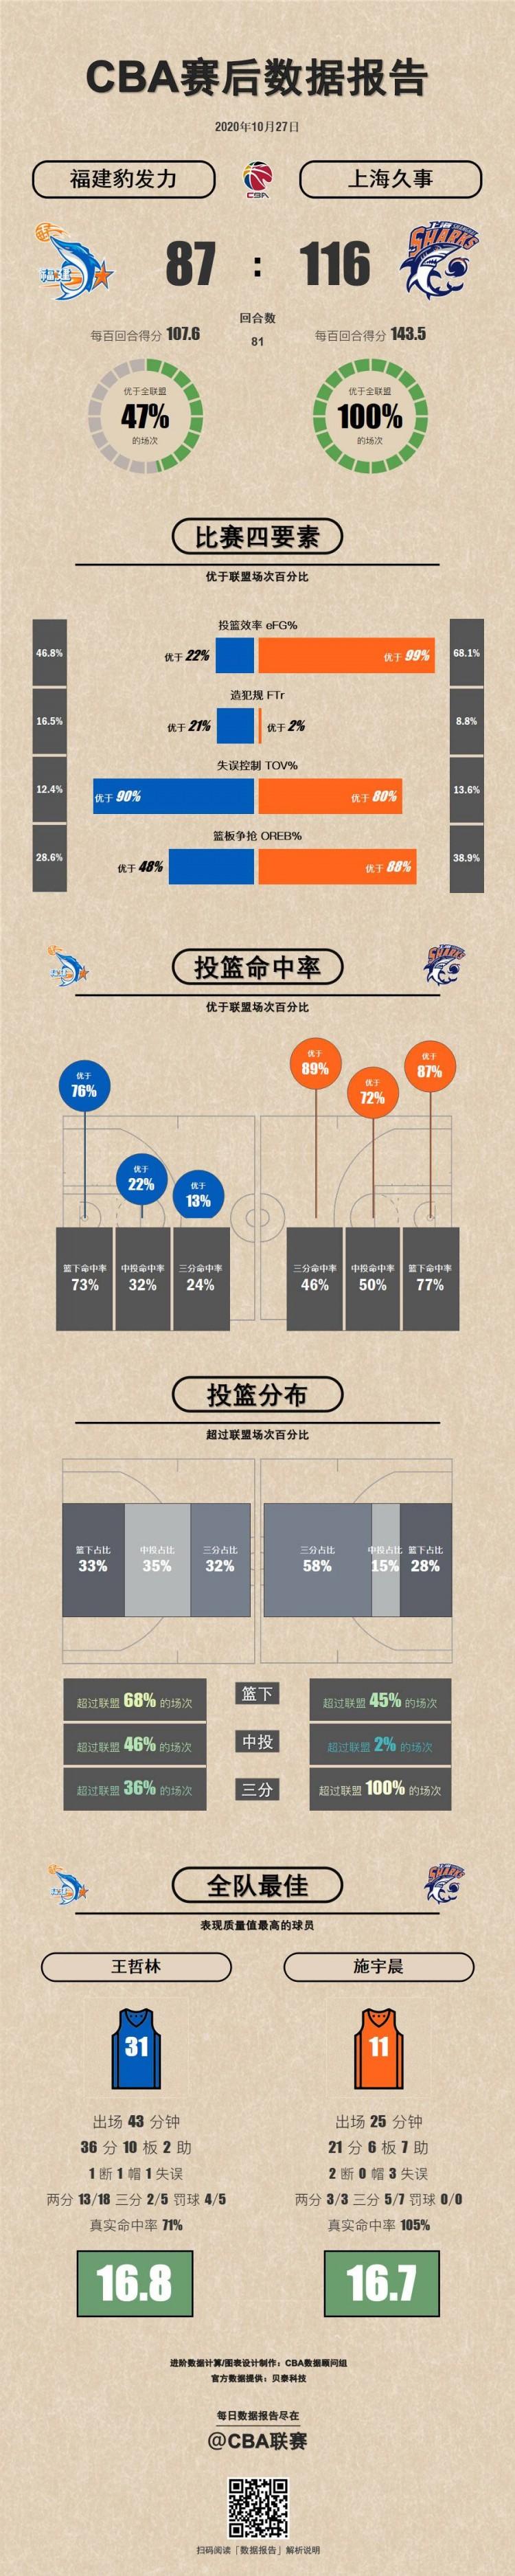 福建VS上海数据报告:王哲林表现质量值全场最高